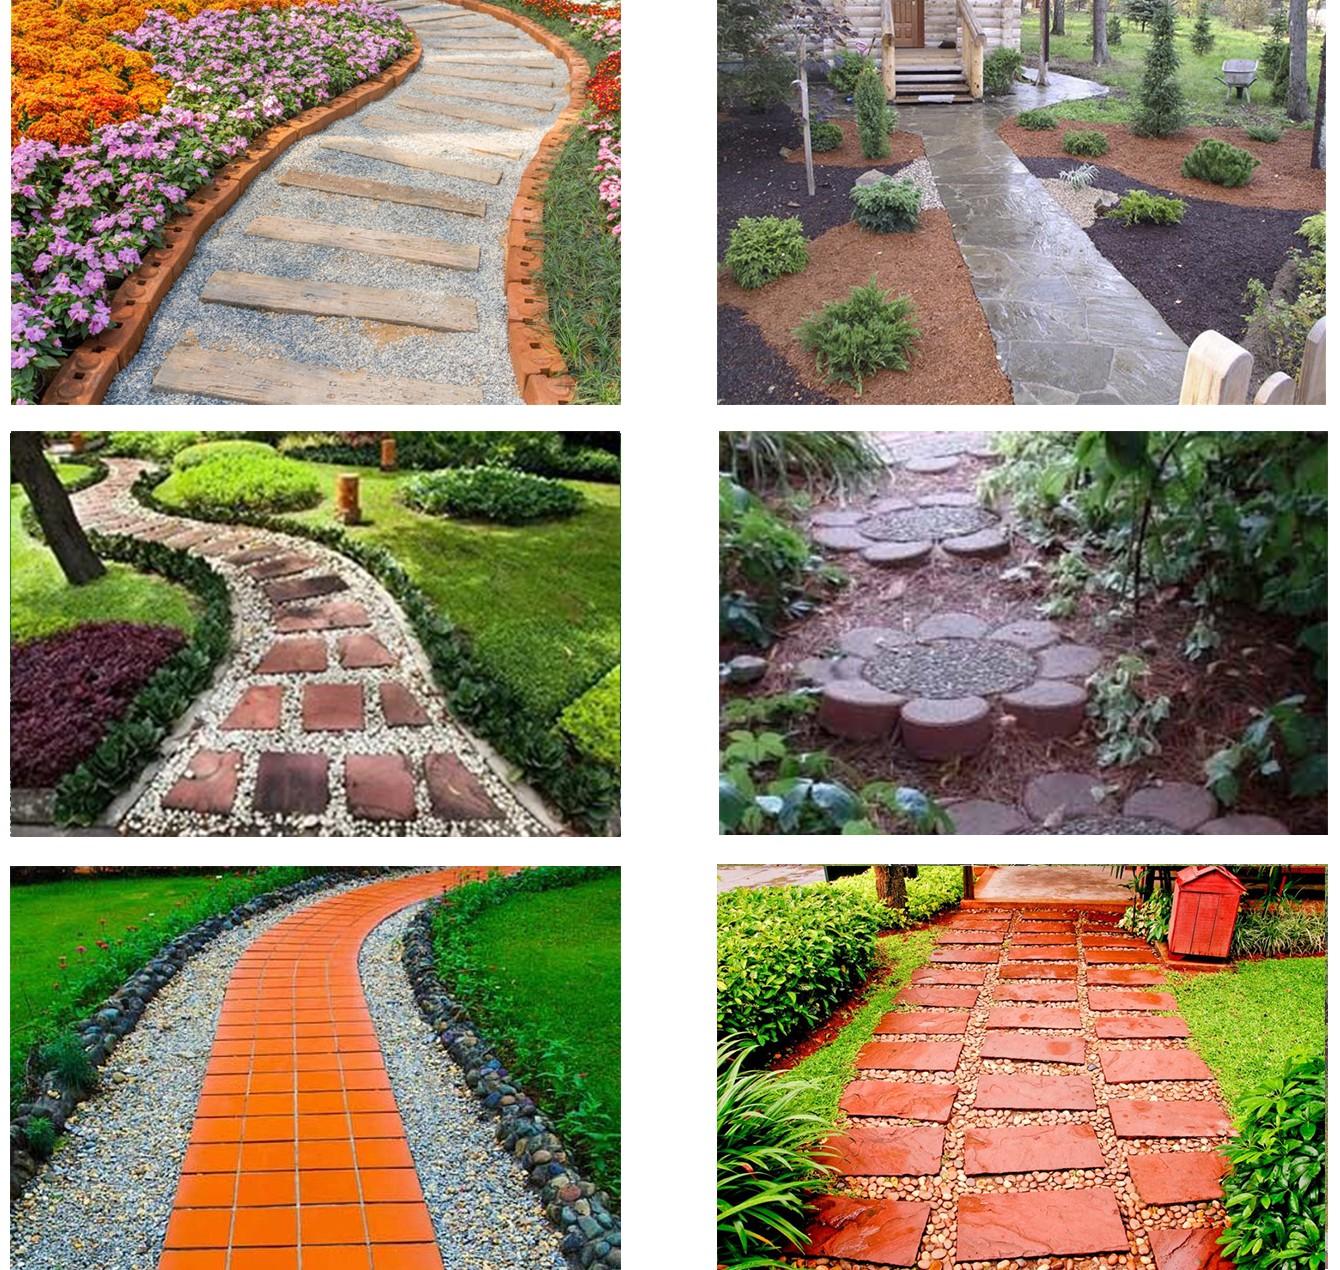 «Делаем садовые дорожки своими руками - инструкция и советы» фото - sadovye dorozhki5